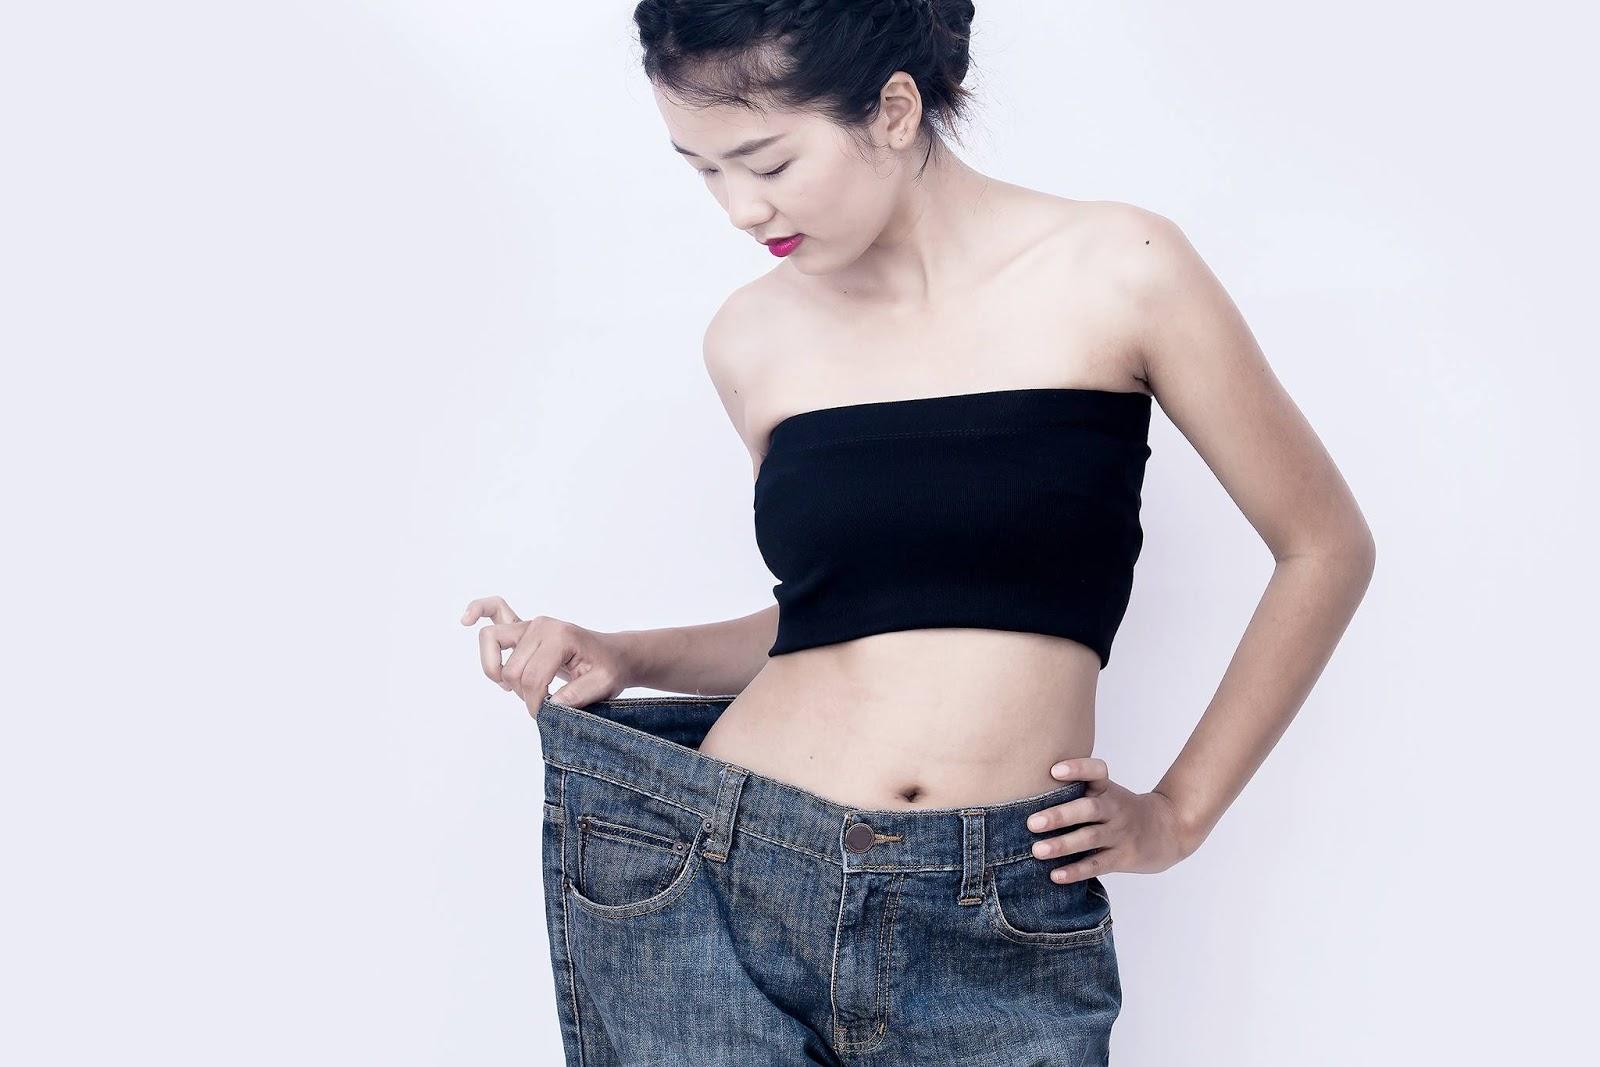 VitaEnergy อาหารเสริมแบบรวมสำหรับการลดน้ำหนักและทำให้ร่างกายทั้งหมดของคุณมีสุขภาพดีขึ้น การควบคุมอาหารสมัยใหม่เพื่อการแก้ไขน้ำหนักให้ถูกต้องและทำให้การทำงานของอวัยวะภายในของคุณเป็นปกติ